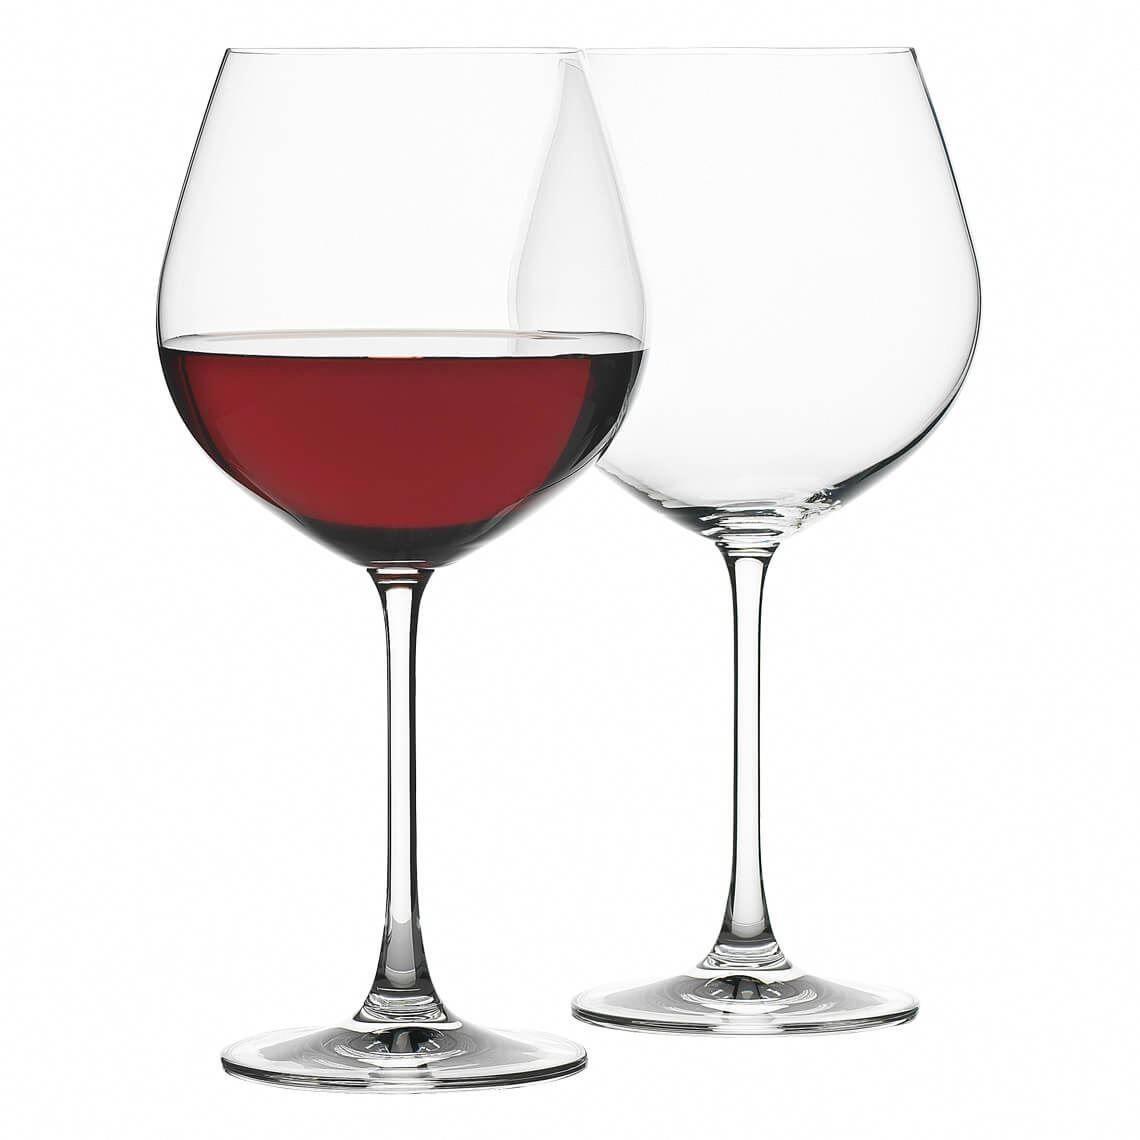 Luxury Wine Tours France Wineshippingboxes Caseofwine Red Wine Glasses Wine Glasses Red Wine